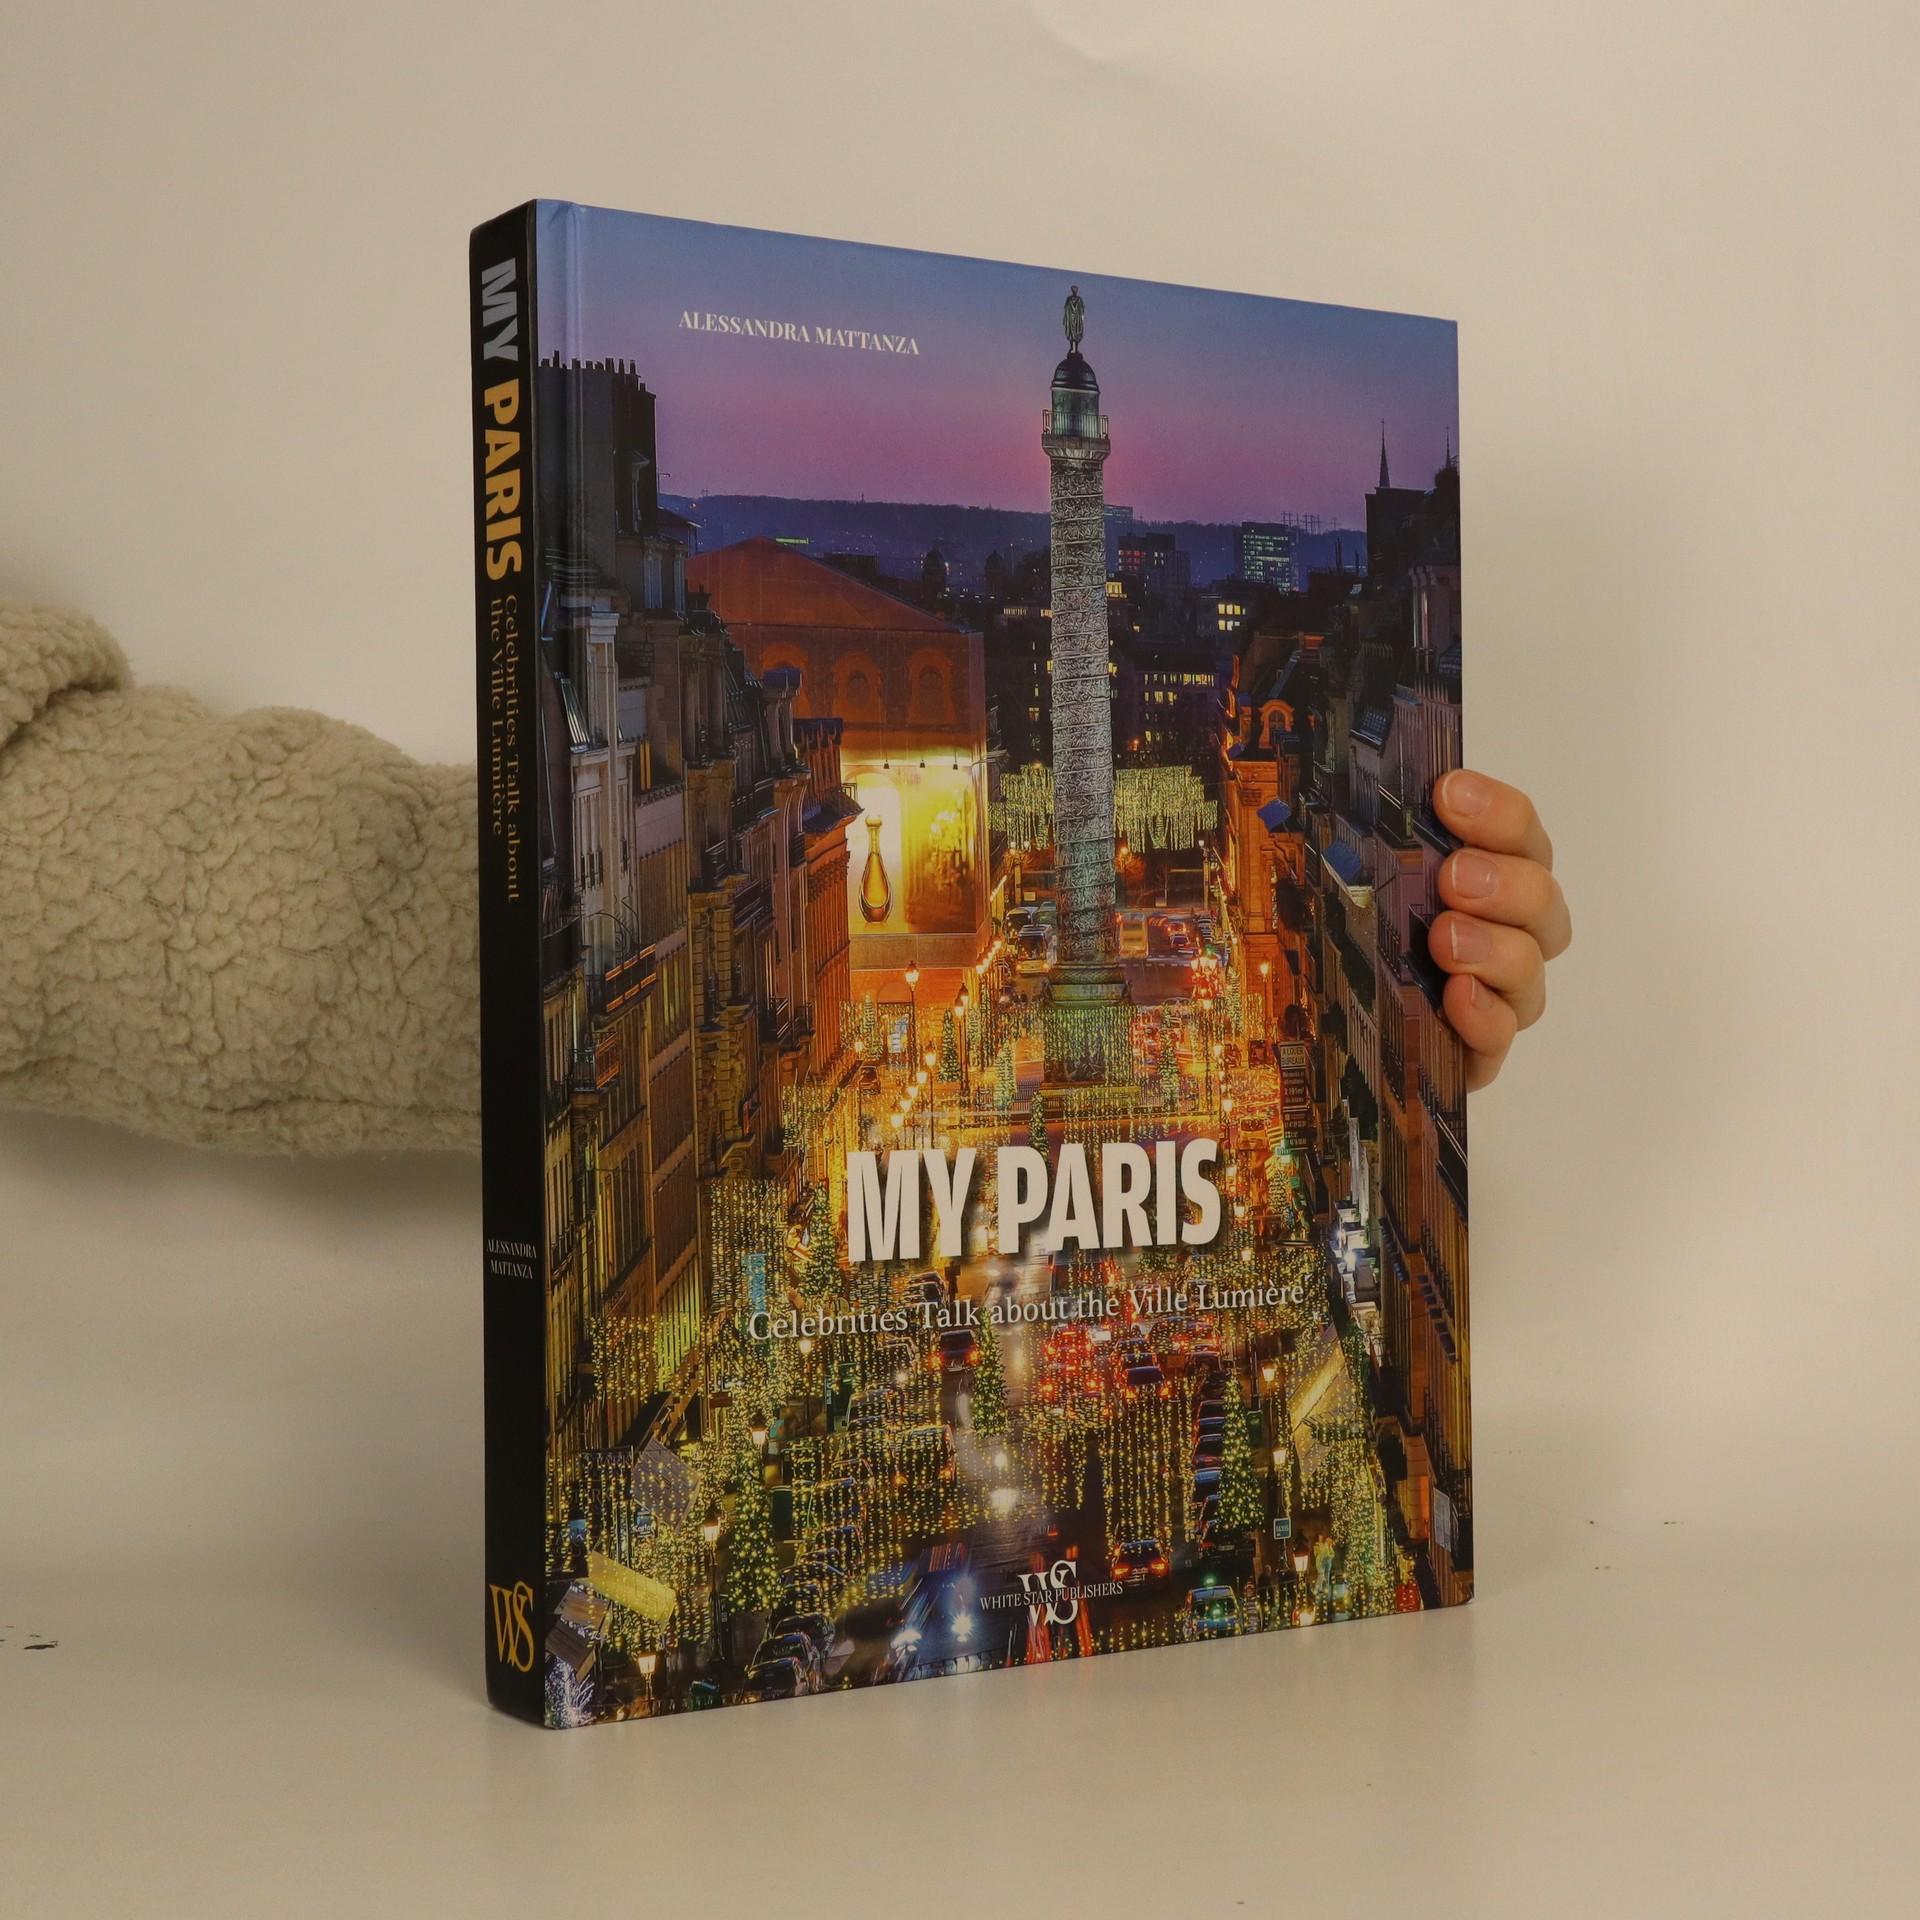 antikvární kniha My Paris, neuveden